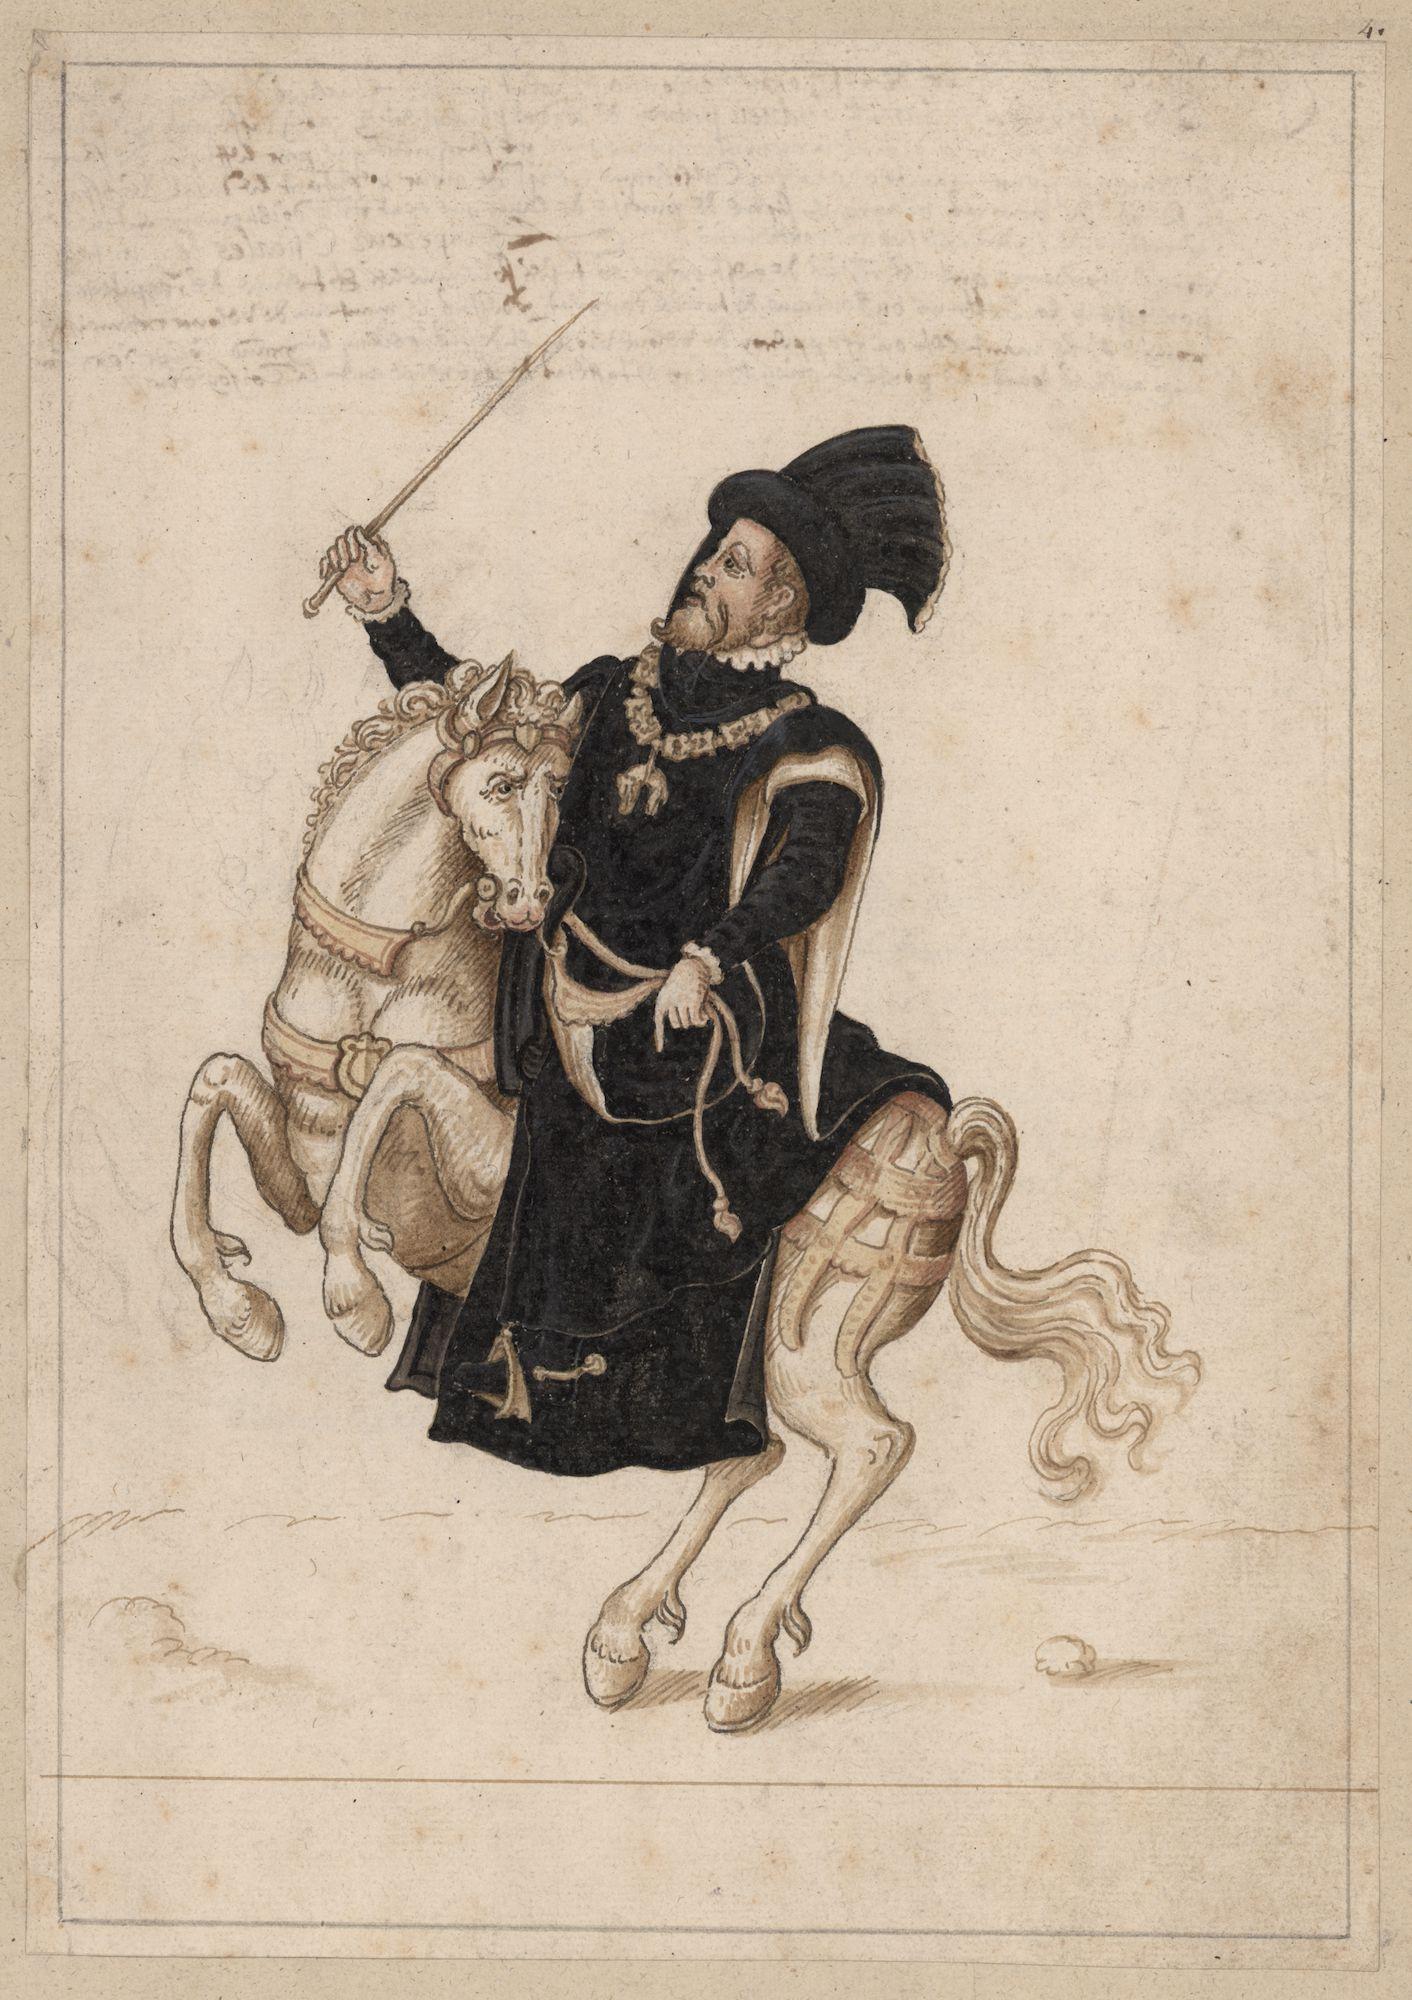 Filips II, koning van Spanje, te paard als grootmeester van het Gulden Vlies, gekleed in het zwart, op de tweede dag van het kapittel te Gent in 1559